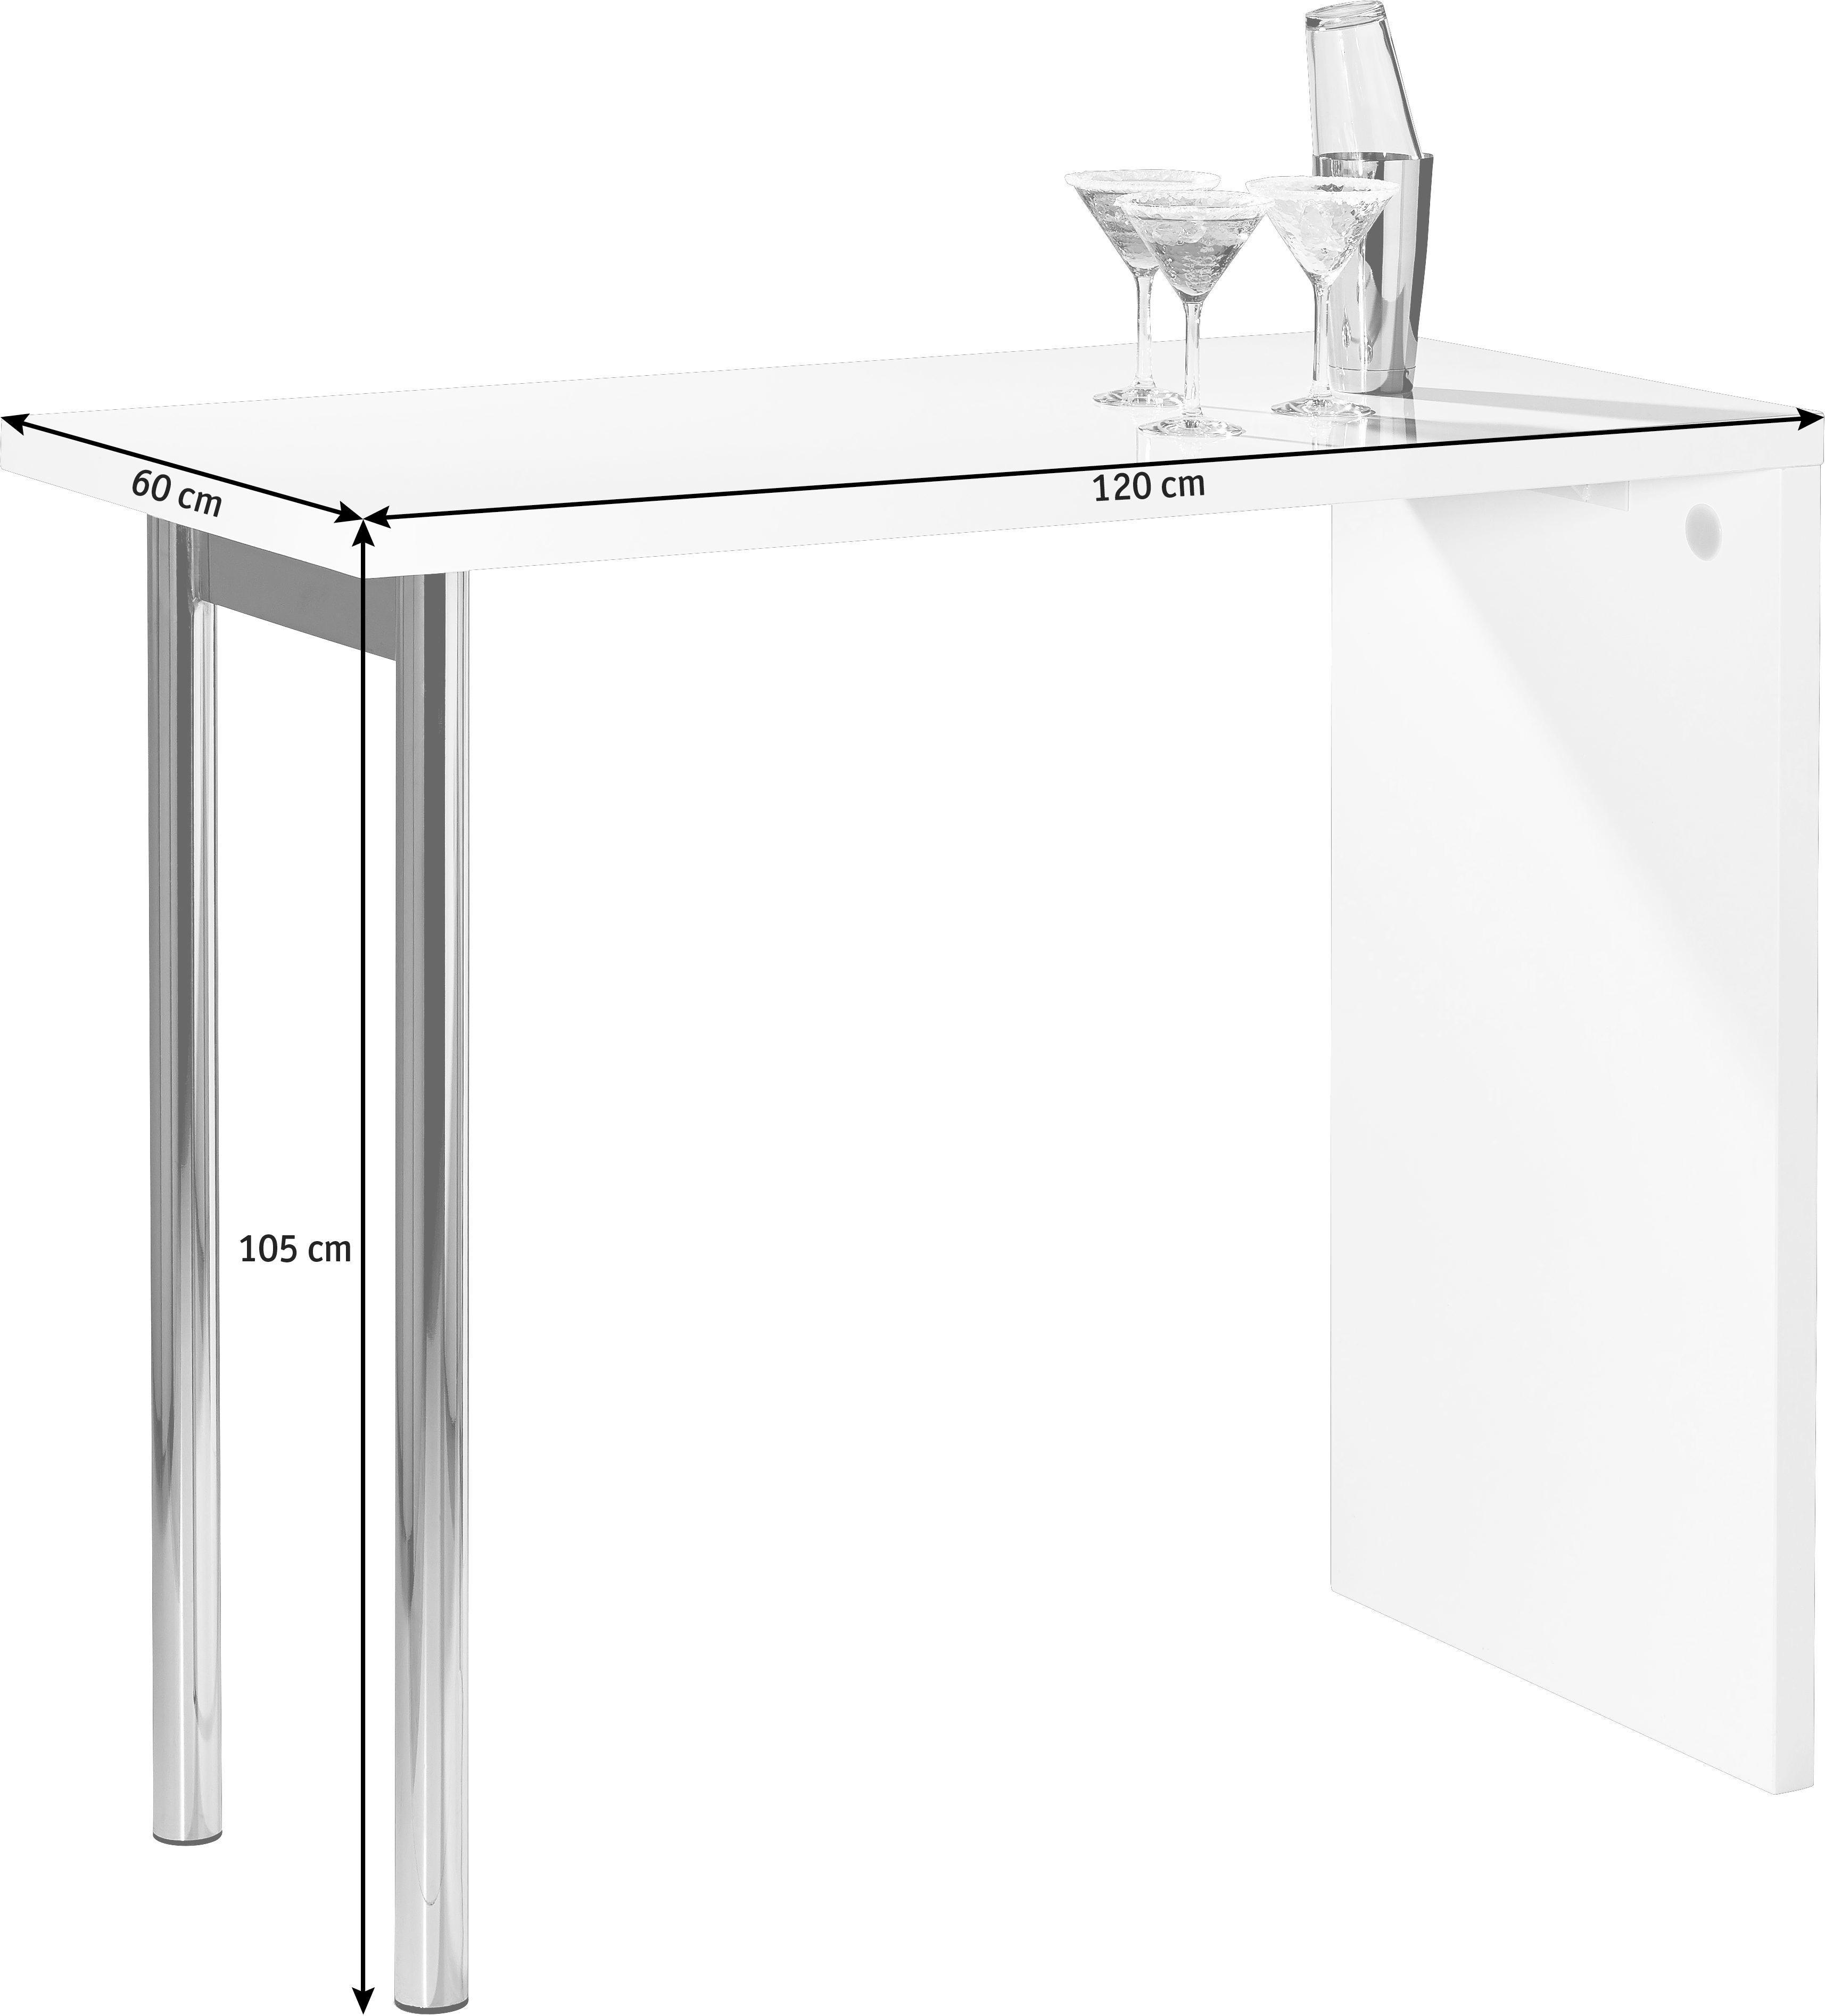 BARTISCH rechteckig Chromfarben, Weiß - Chromfarben/Weiß, Design, Holzwerkstoff/Metall (120/105/60cm) - CARRYHOME